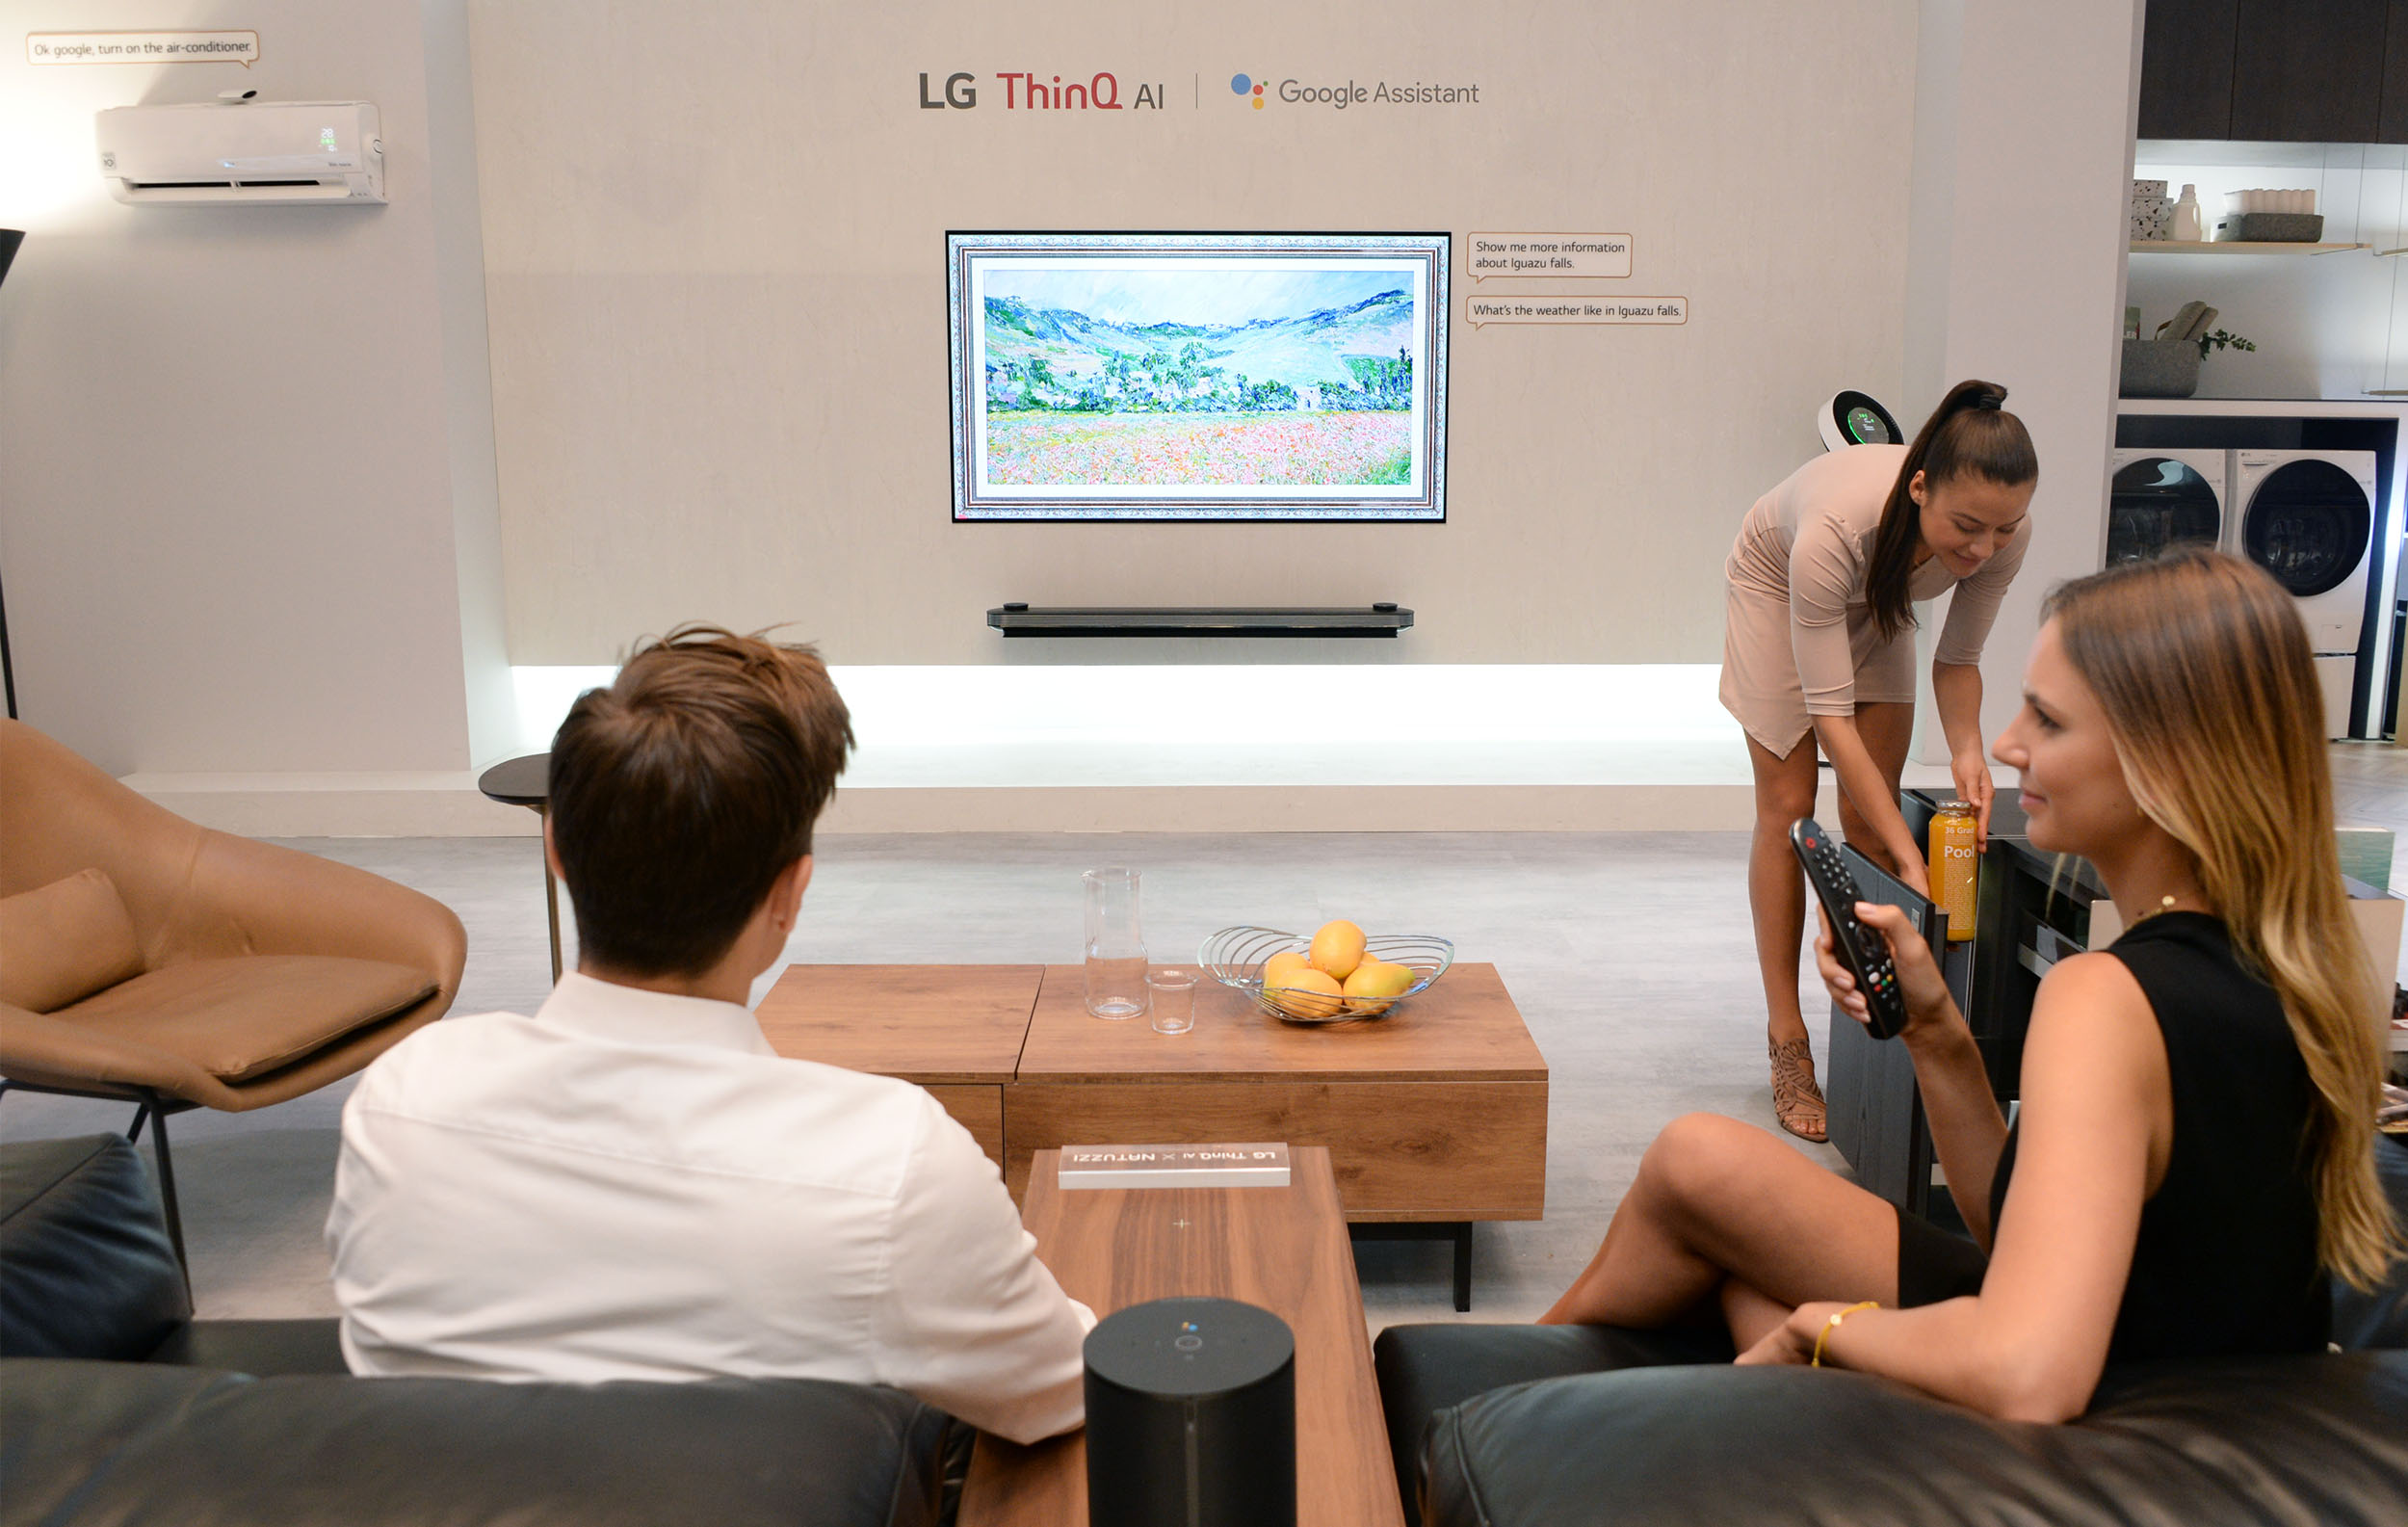 8월 31일부터 9월 5일까지 독일 베를린에서 열리는 IFA 2018에서 LG전자가 인공지능 '씽큐' 제품들을 대거 선보였다